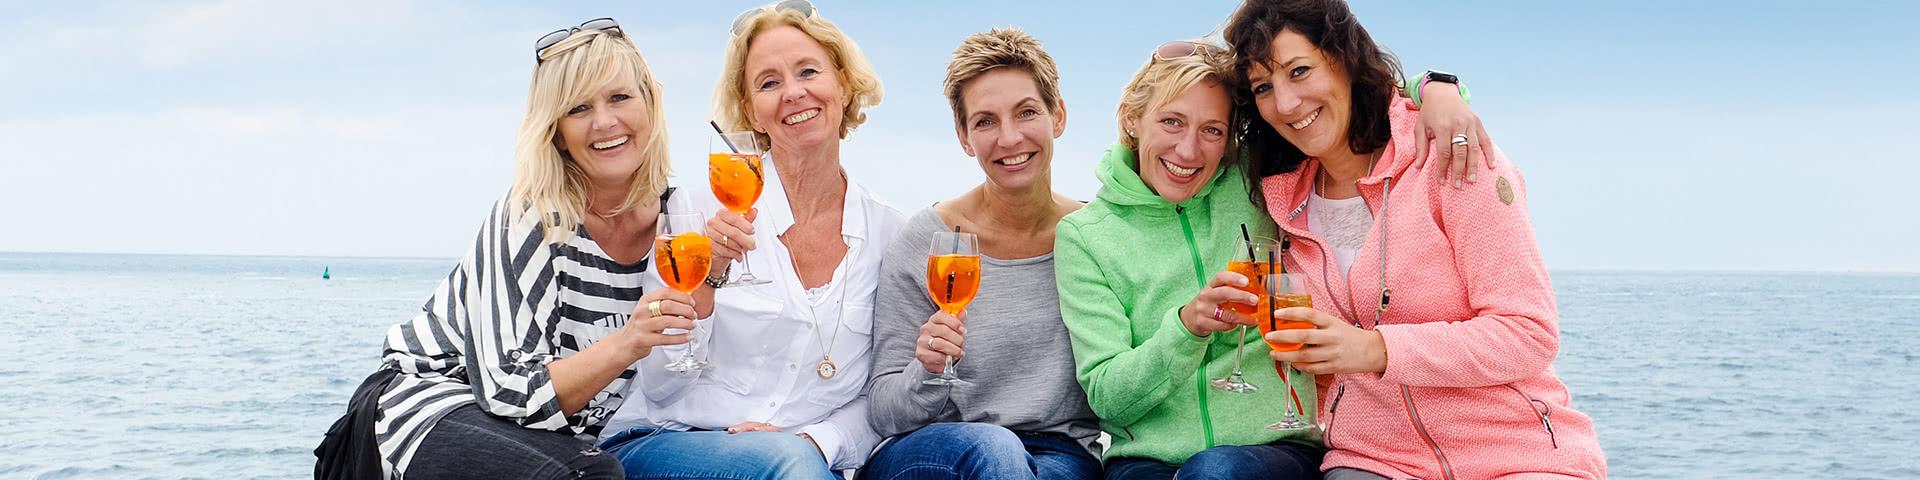 Frauengruppe trinkt gemeinsam Aperol Spritz am Strand von Norderney